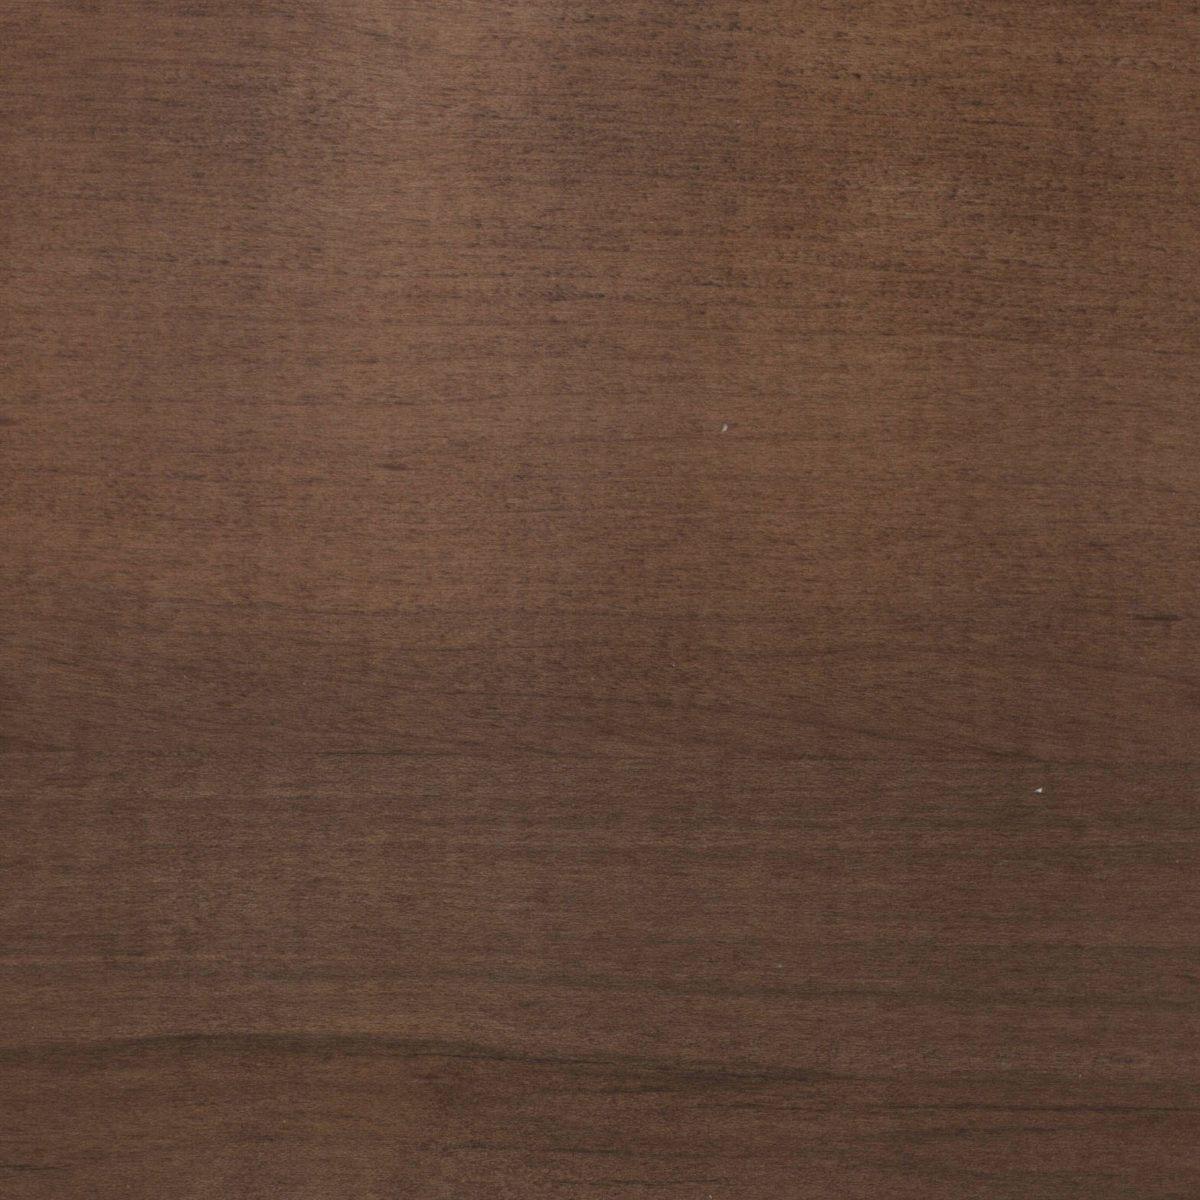 82B Brown Maple Wood Sample